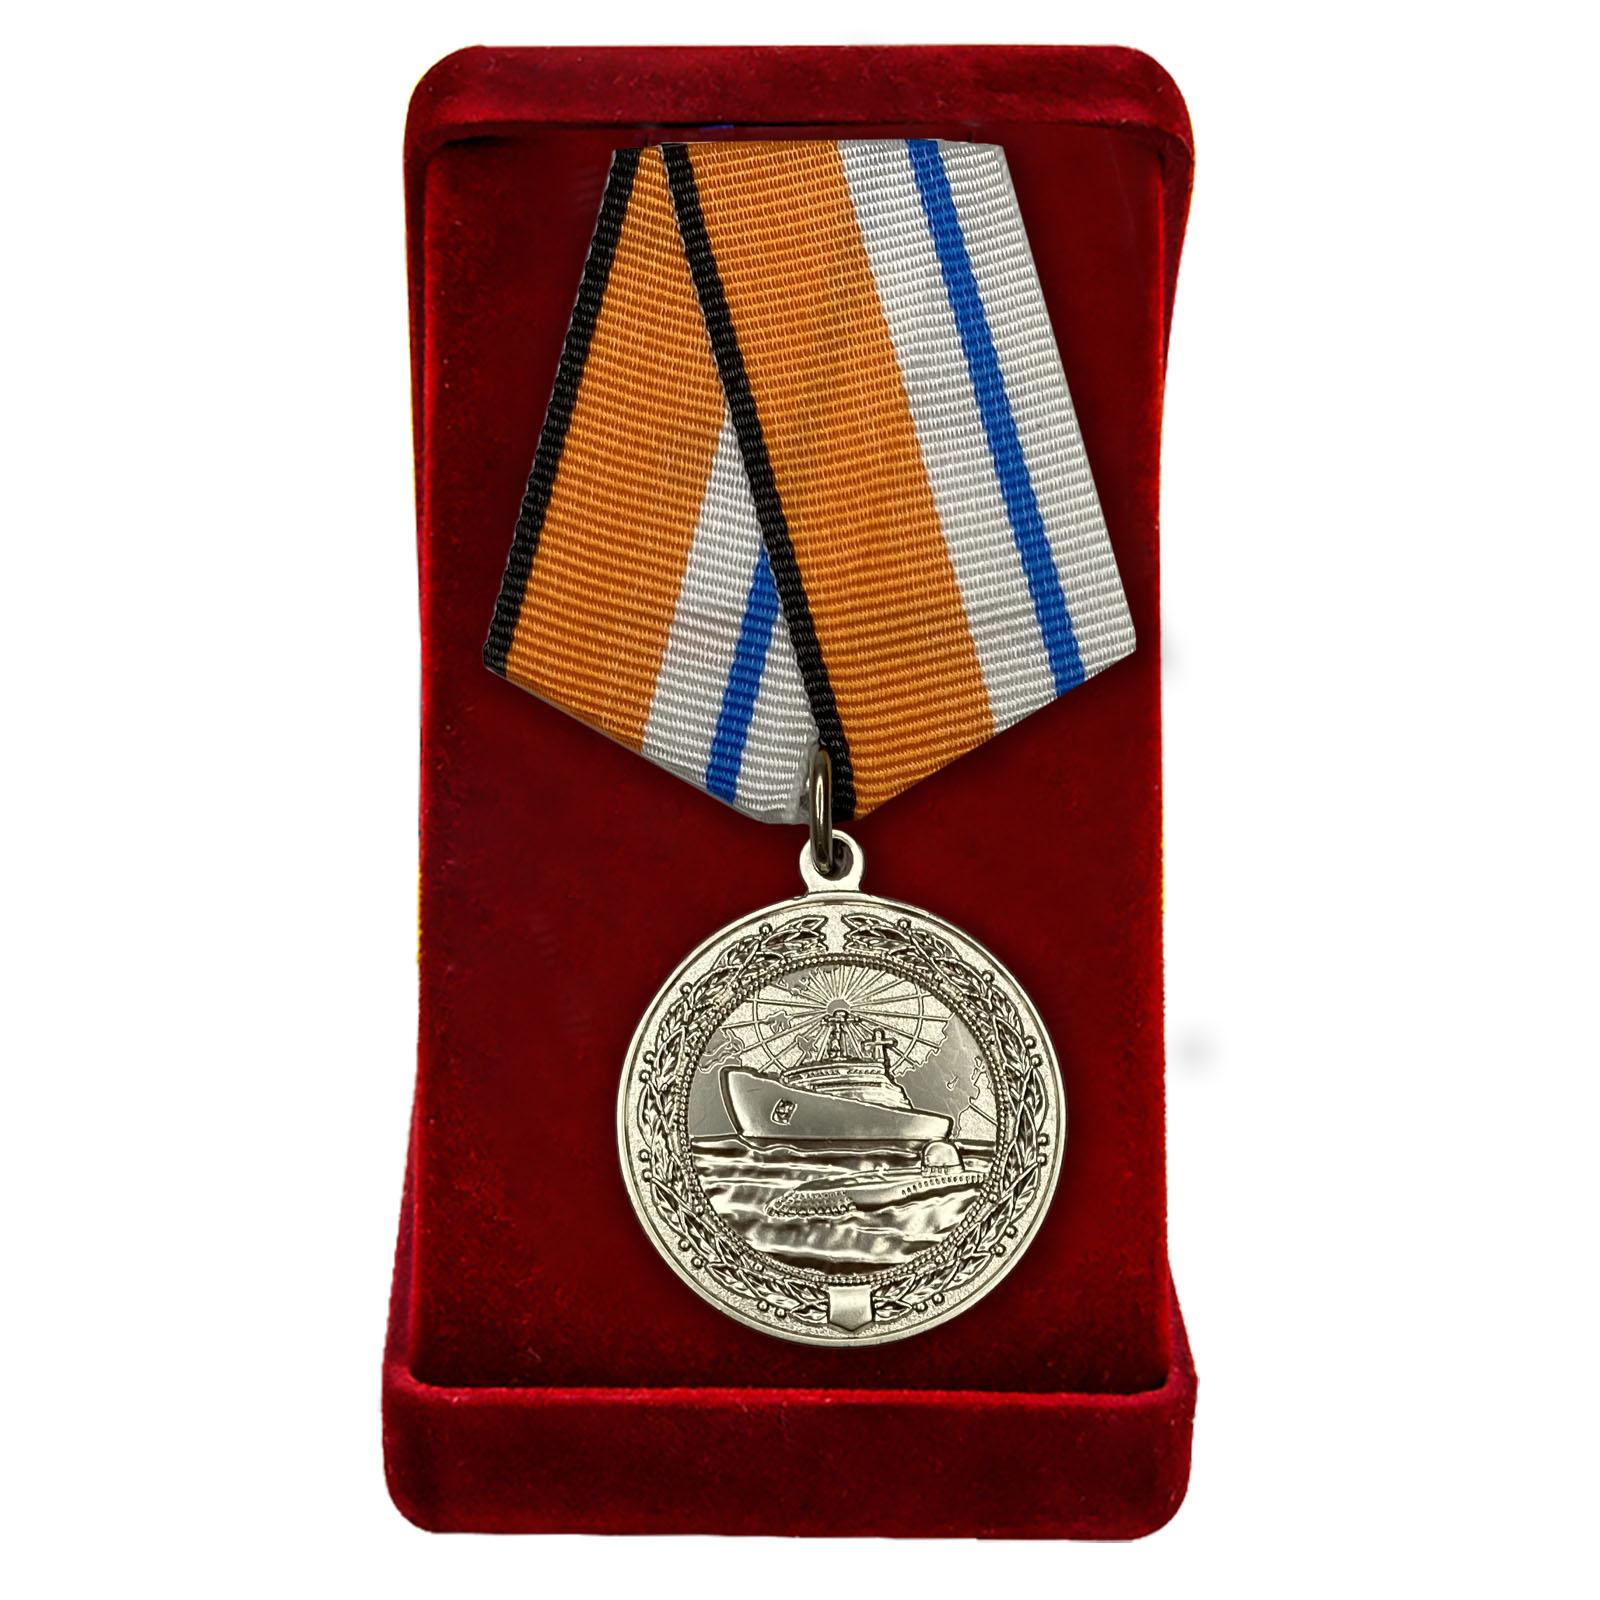 """Медаль """"За морские заслуги в Арктике"""" МО РФ"""